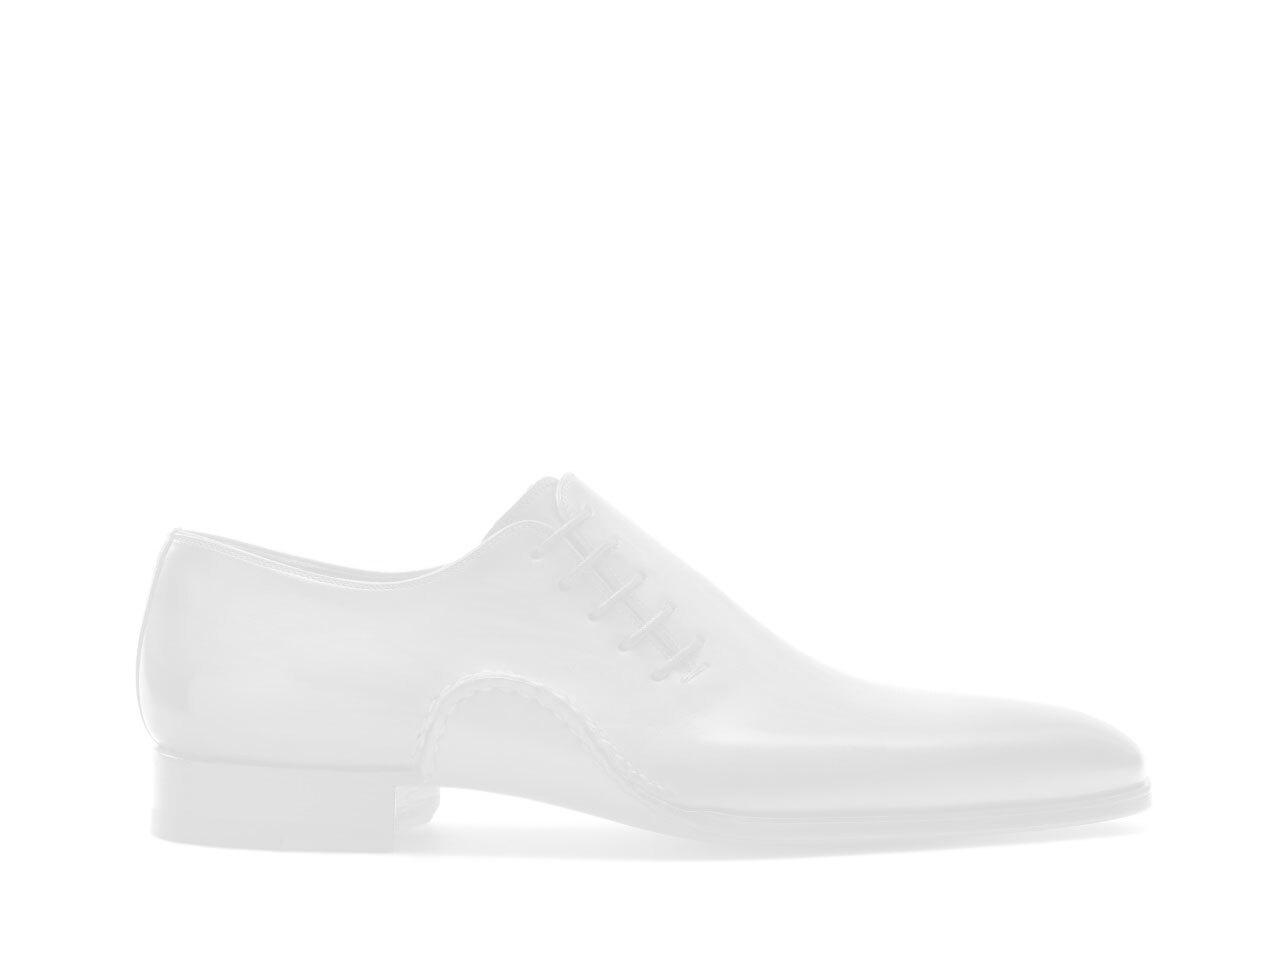 Sole of the Magnanni Lyle Cognac Suede Men's Derby Shoes